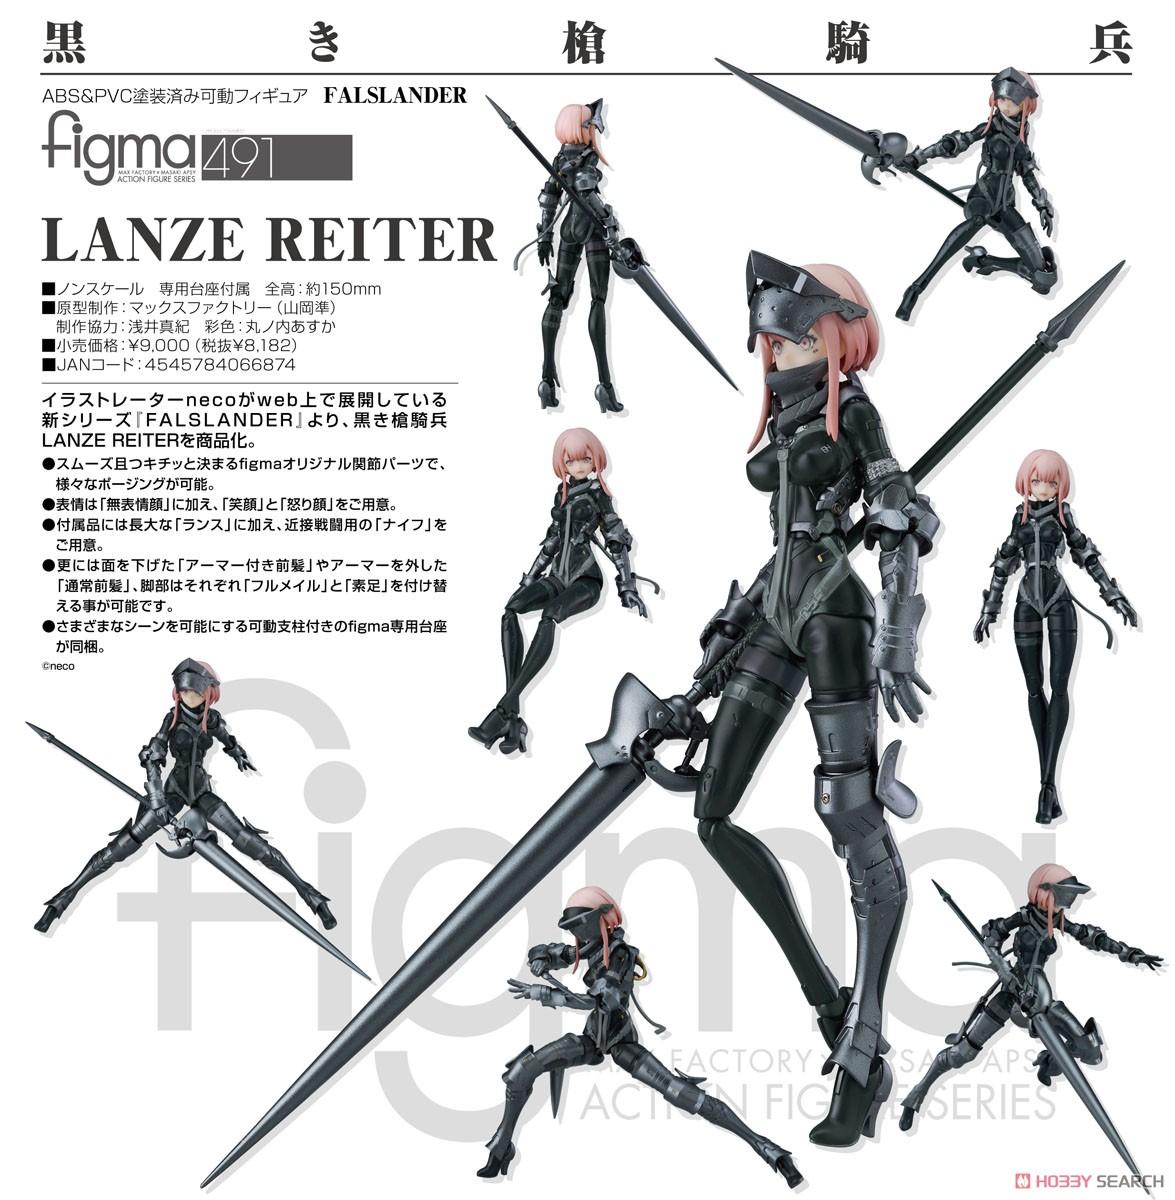 figma『LANZE REITER』FALSLANDER 可動フィギュア-009